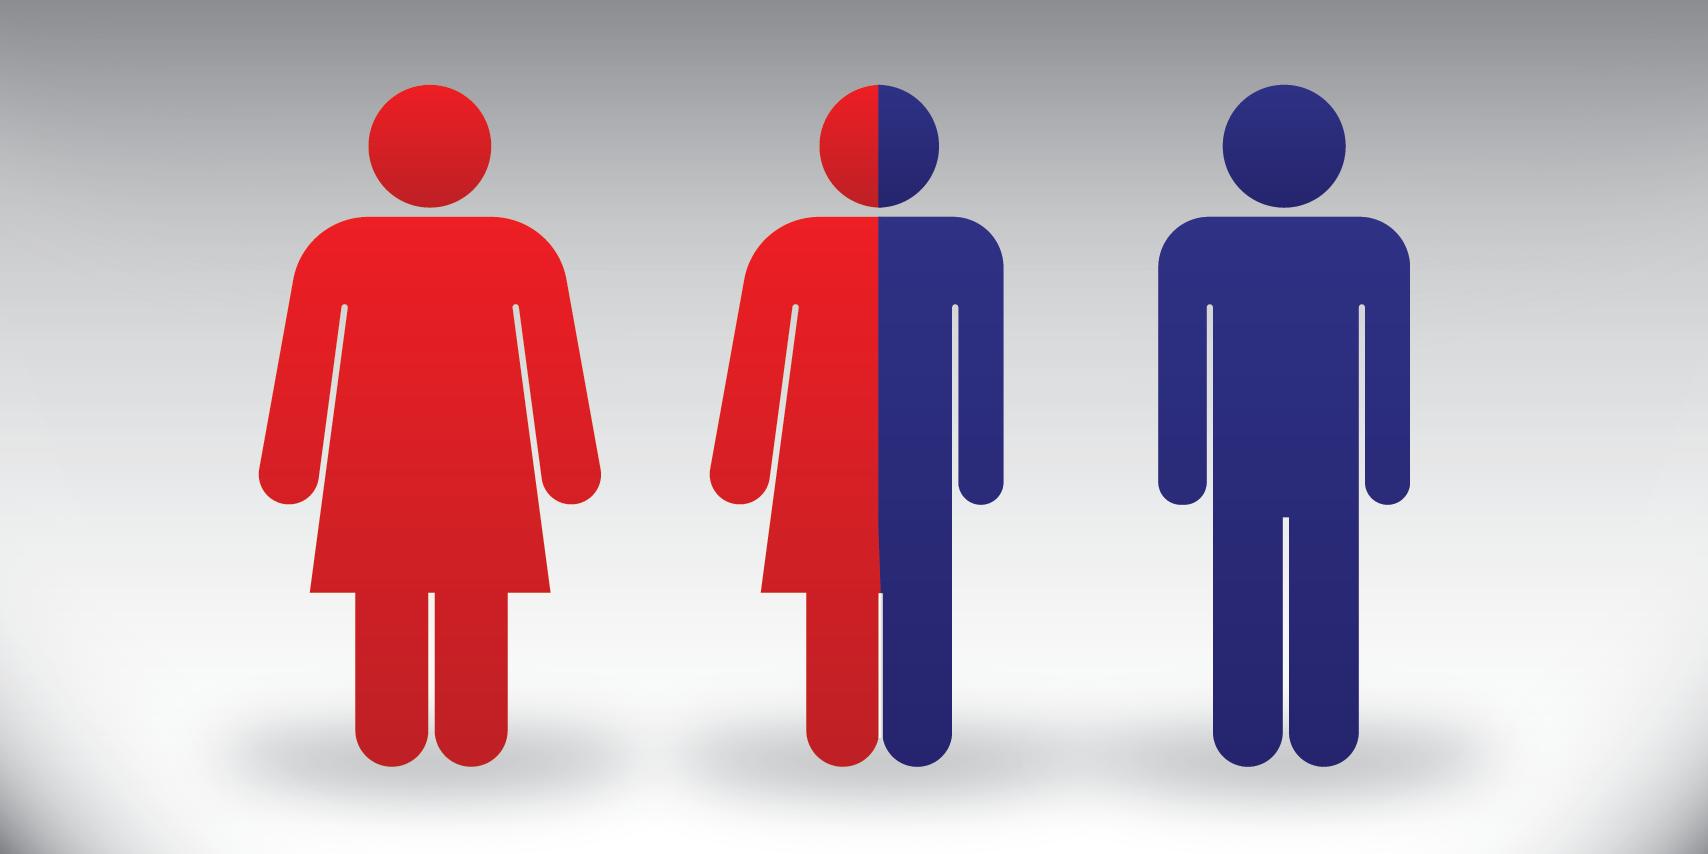 Alabama Launches Legal Challenge Against Obamas Transgender - Transgender bathrooms